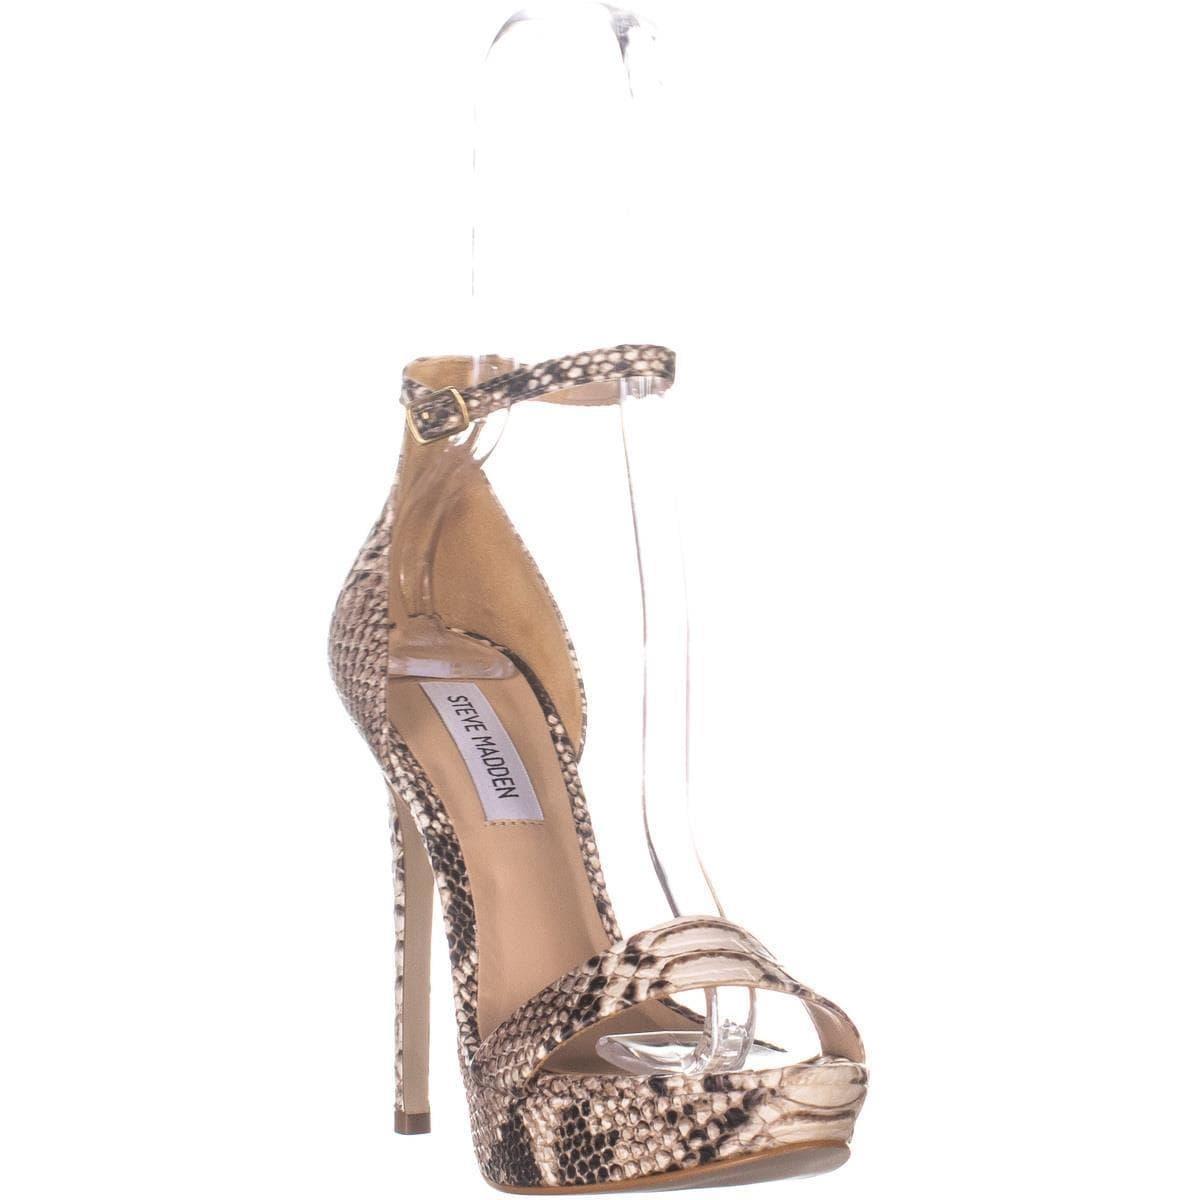 2f7c25c99c9 Steve Madden Starlet Ankle Strap Heeled Sandals,